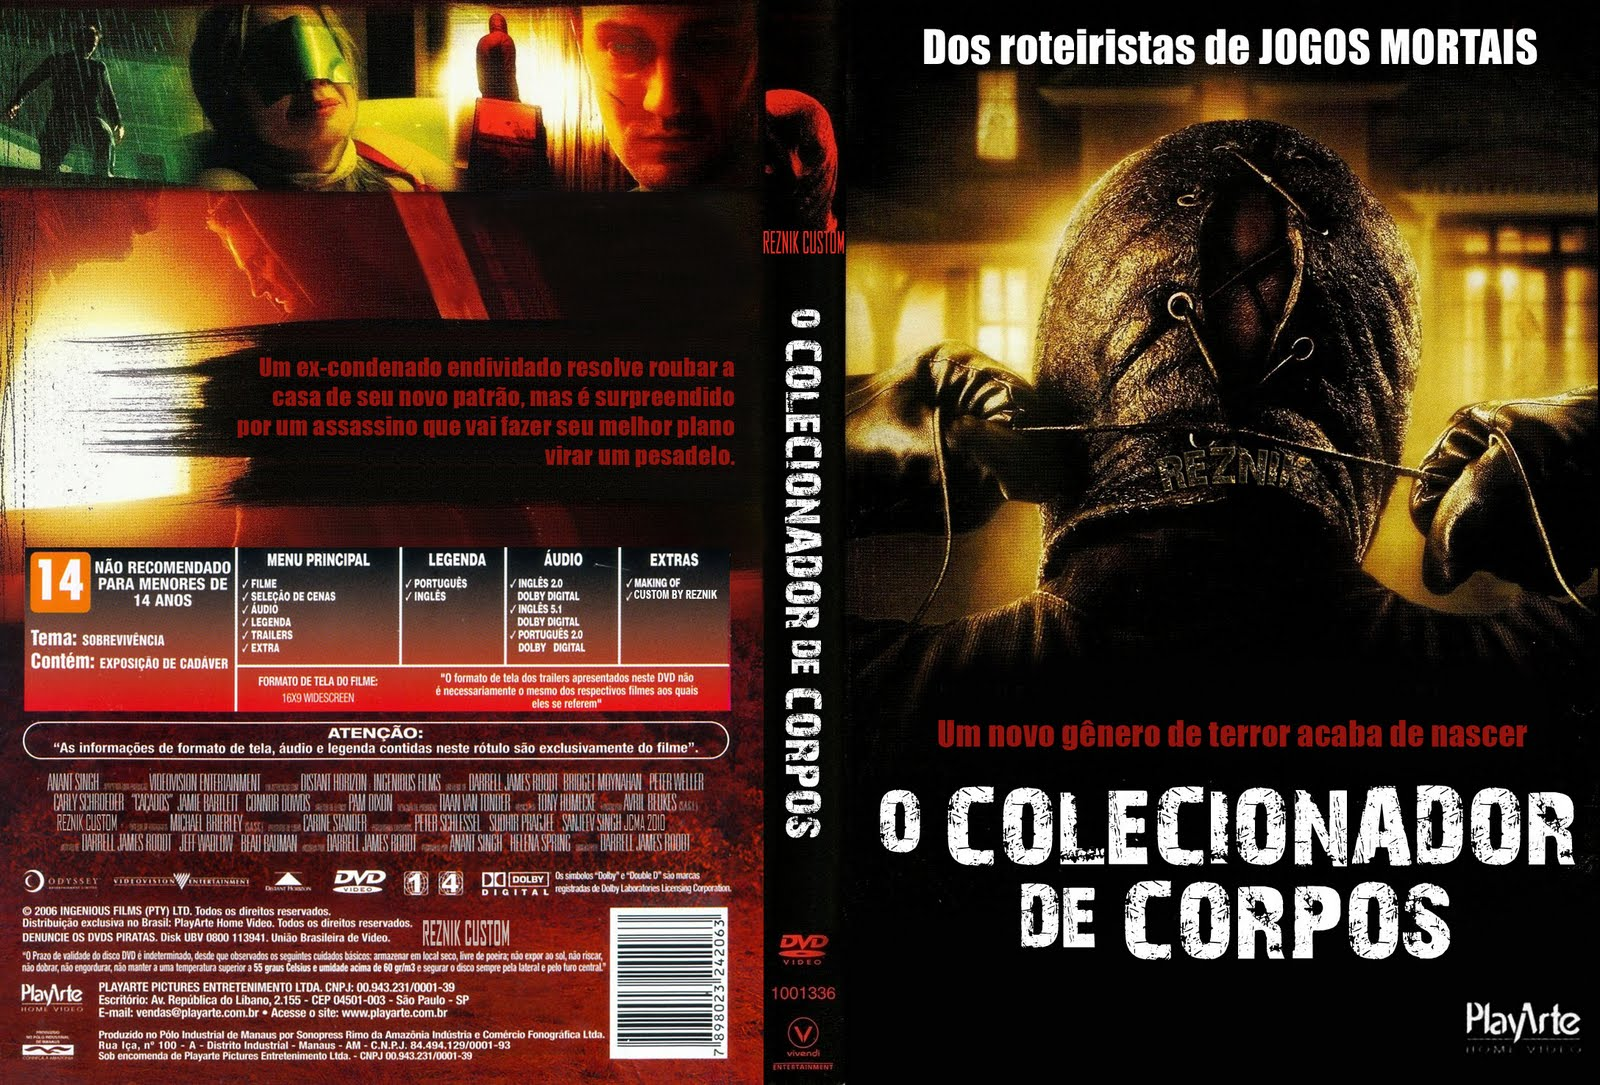 O Colecionador De Corpos DVD Capa